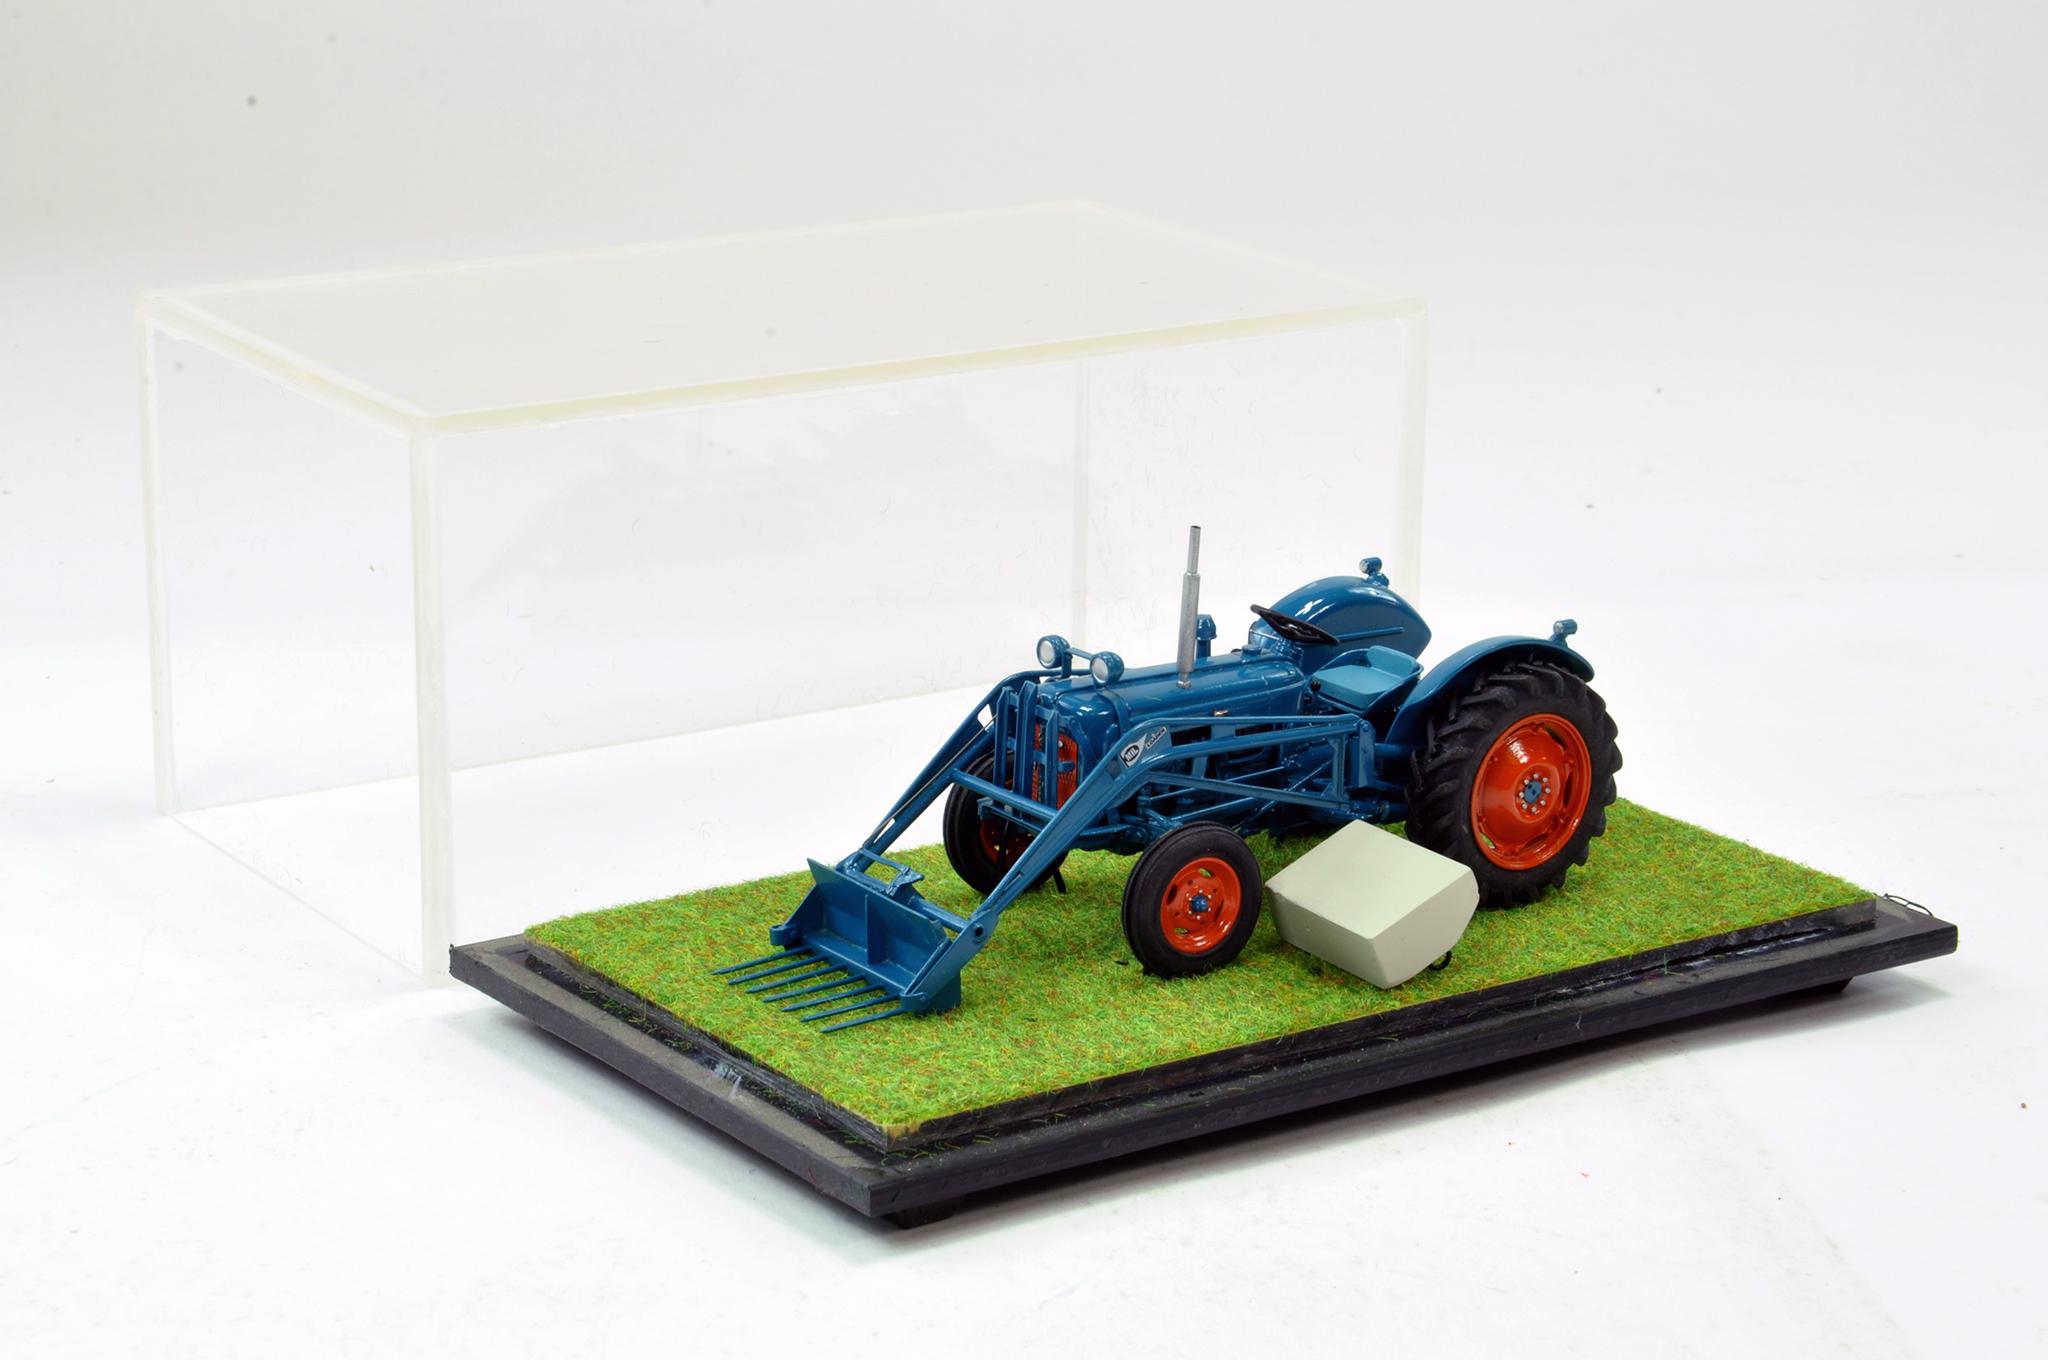 Lot 242 - Scaledown Models 1/32 Hand Built Fordson Super Dexta Tractor with Scratch Built Mil Loader. Superb